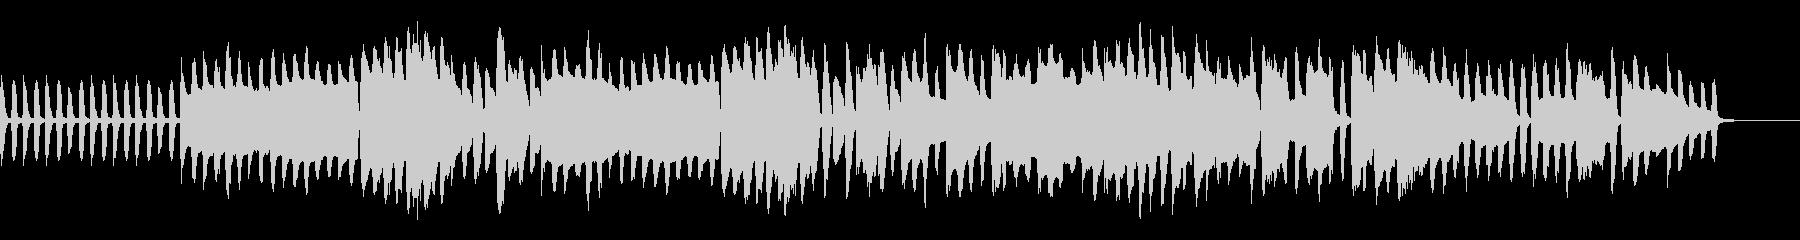 木管楽器メインの日常系BGMの未再生の波形